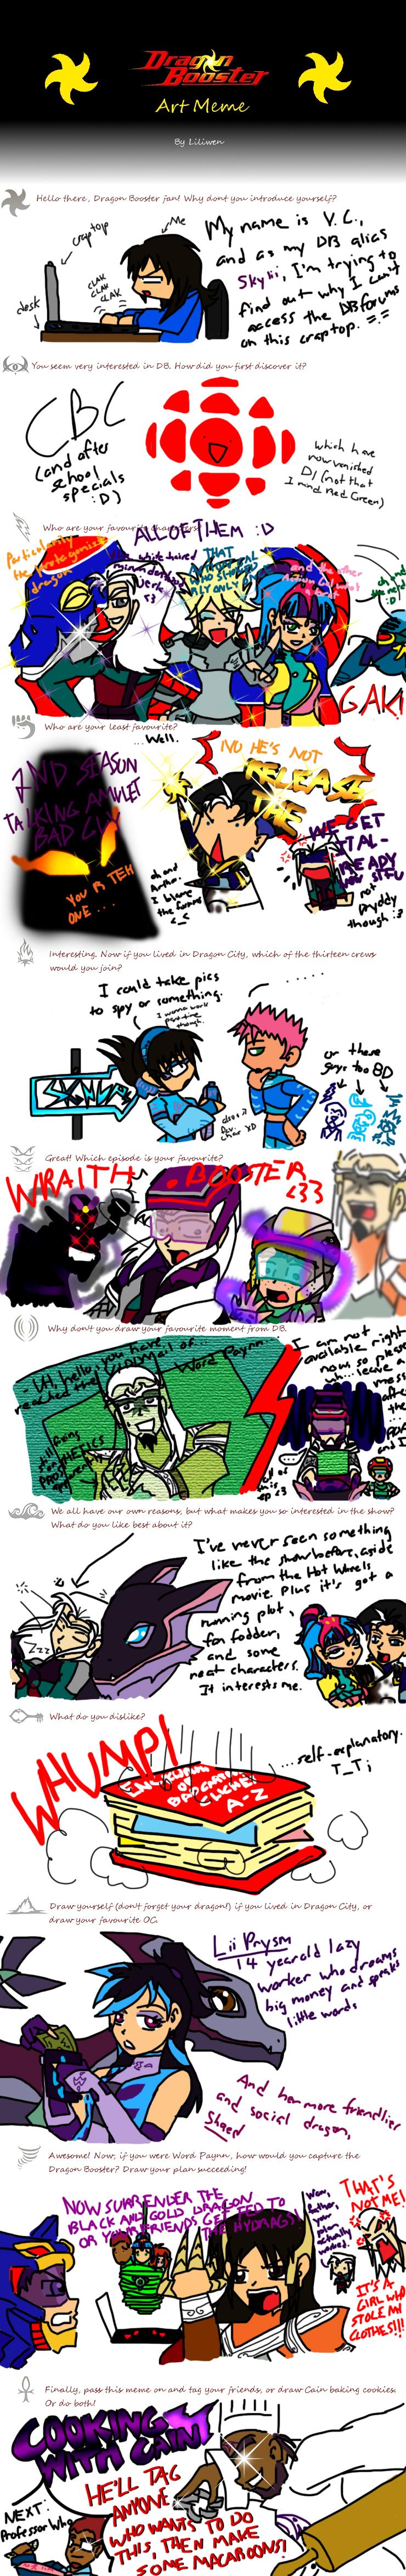 Dragon Booster Art Meme by Cruzerchic123